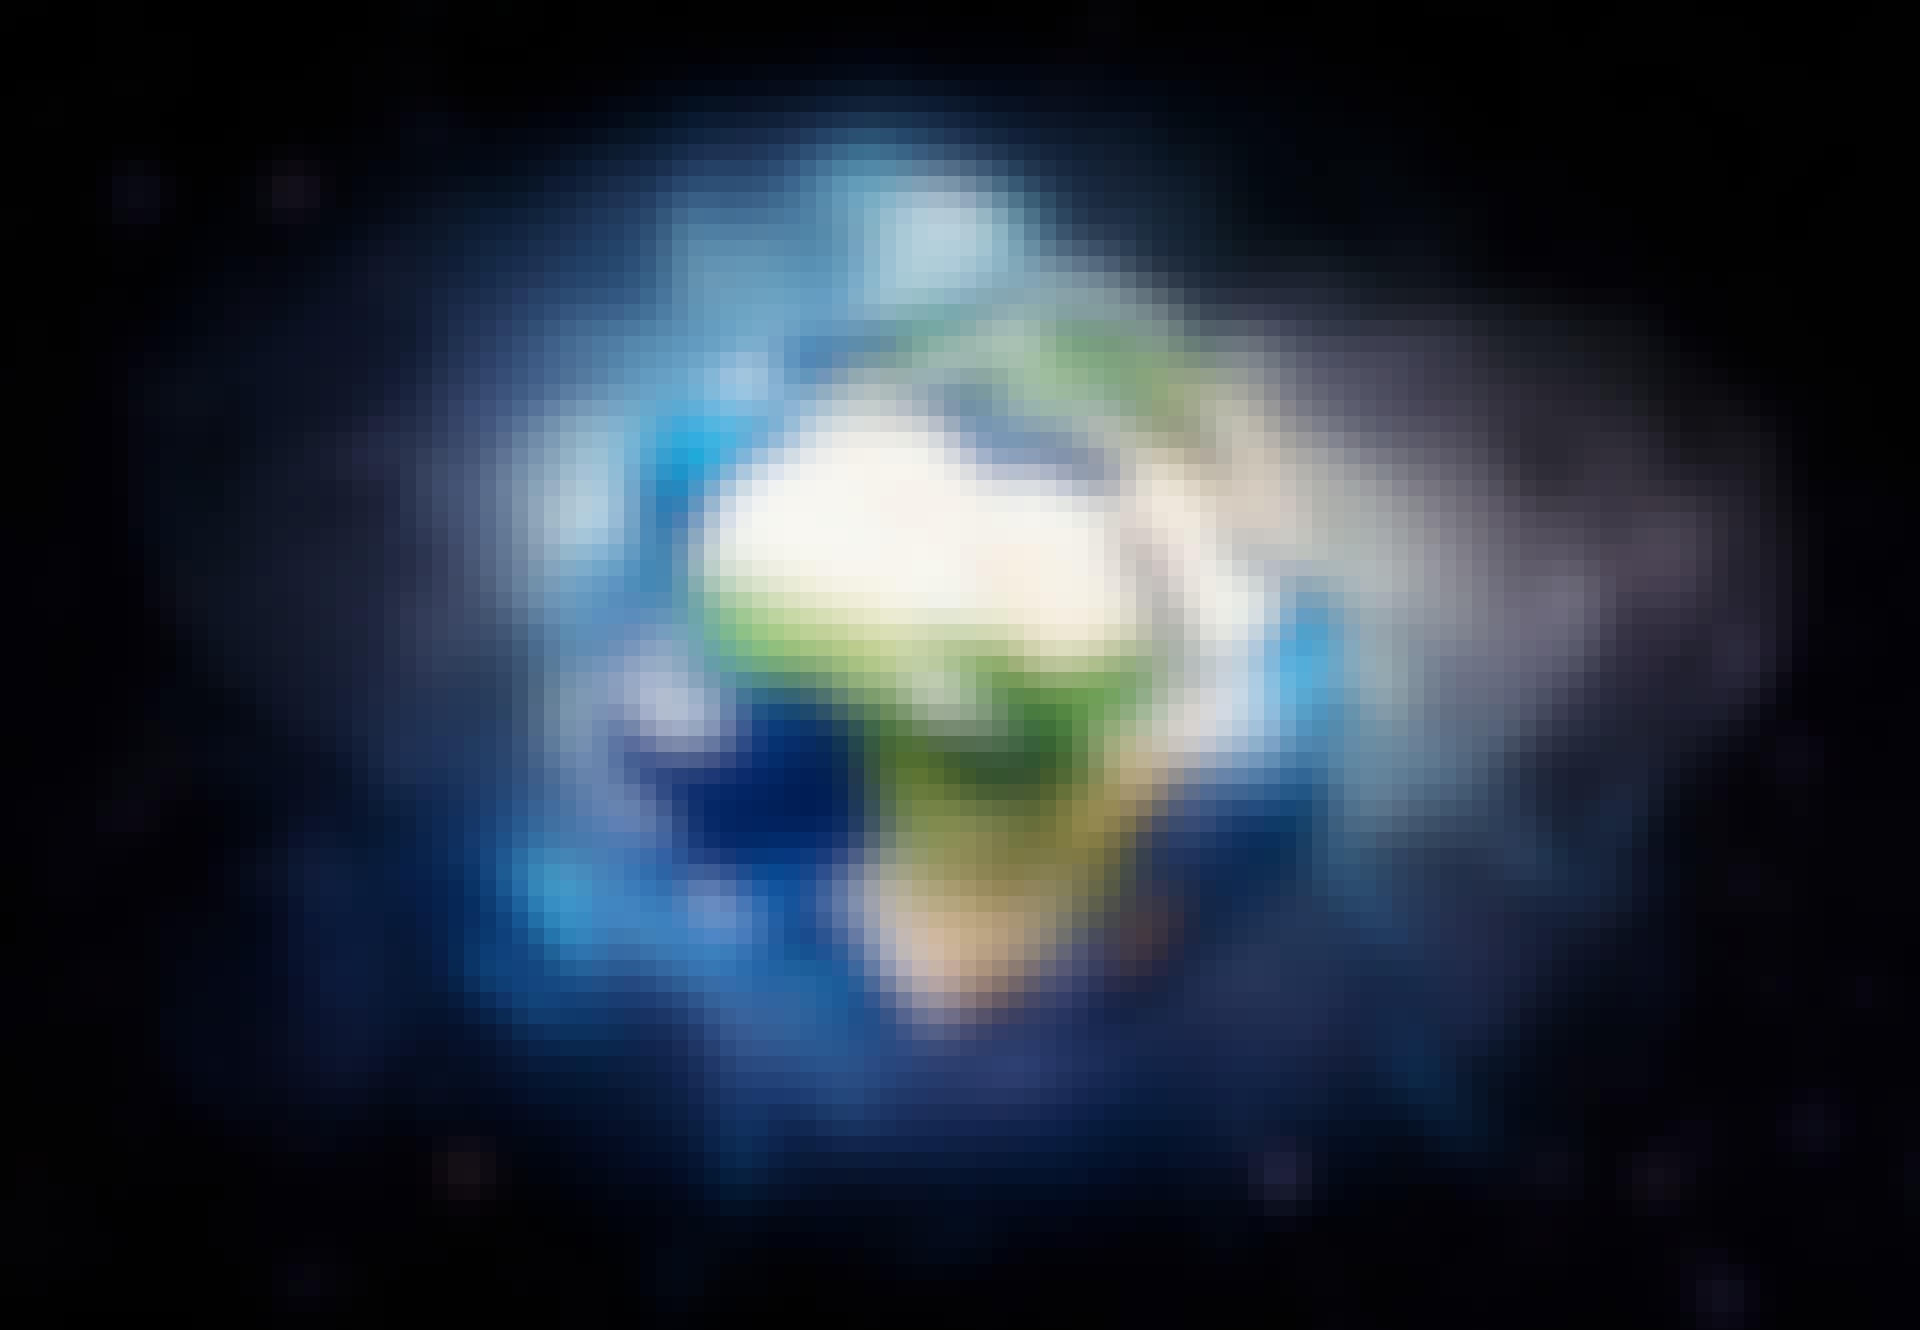 Aardmagnetisch veld beschermt onze planeet.